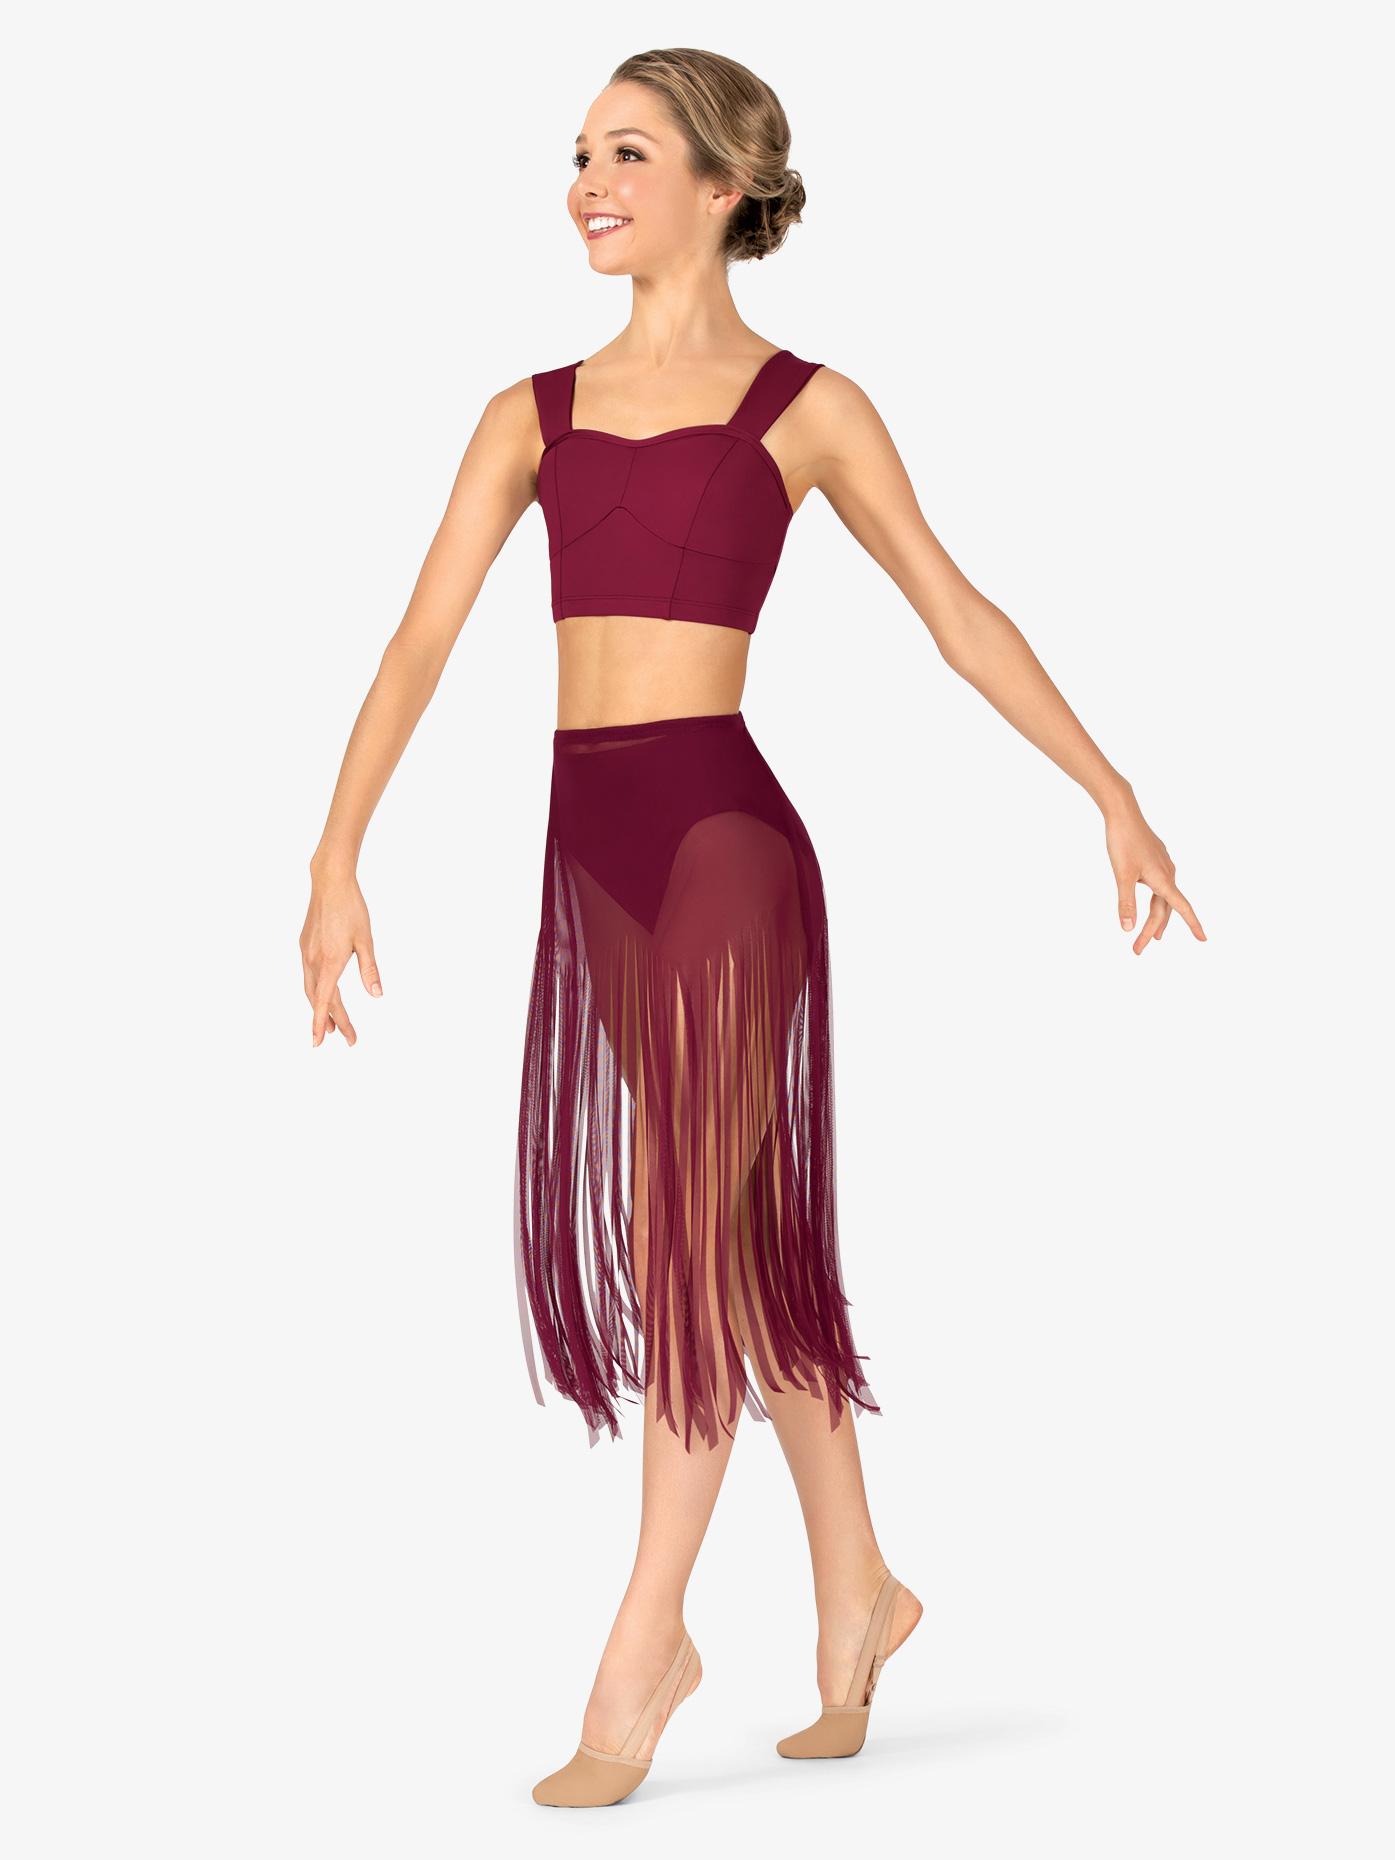 Body Wrappers Womens Performance Sheer Mesh Fringe Skirt BW9811